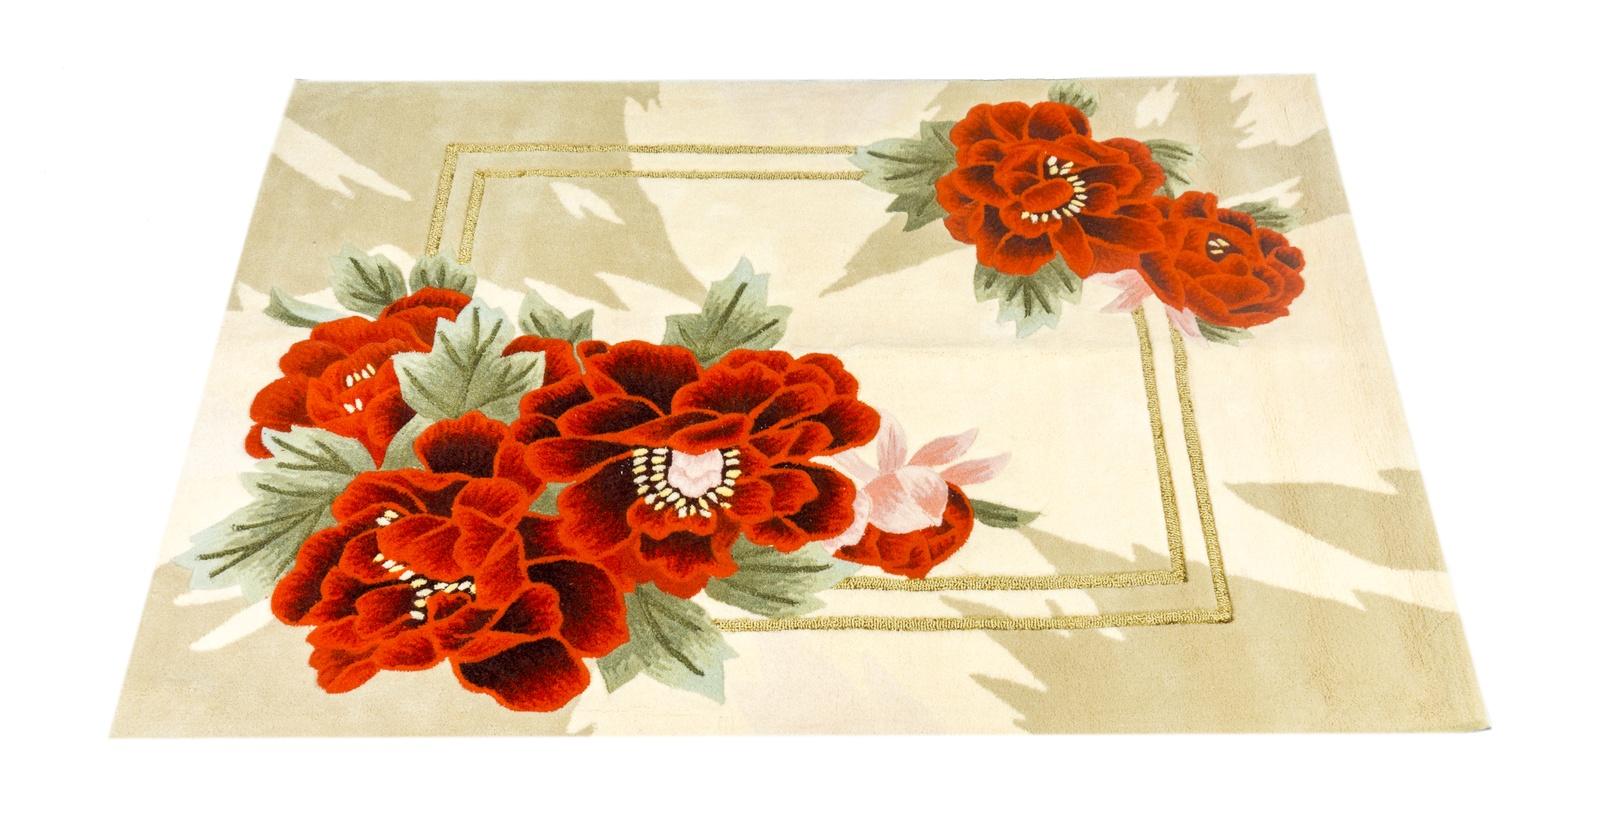 Ковер MADONNA 0,8х1,5м, прямоугольник, бежевый, красный